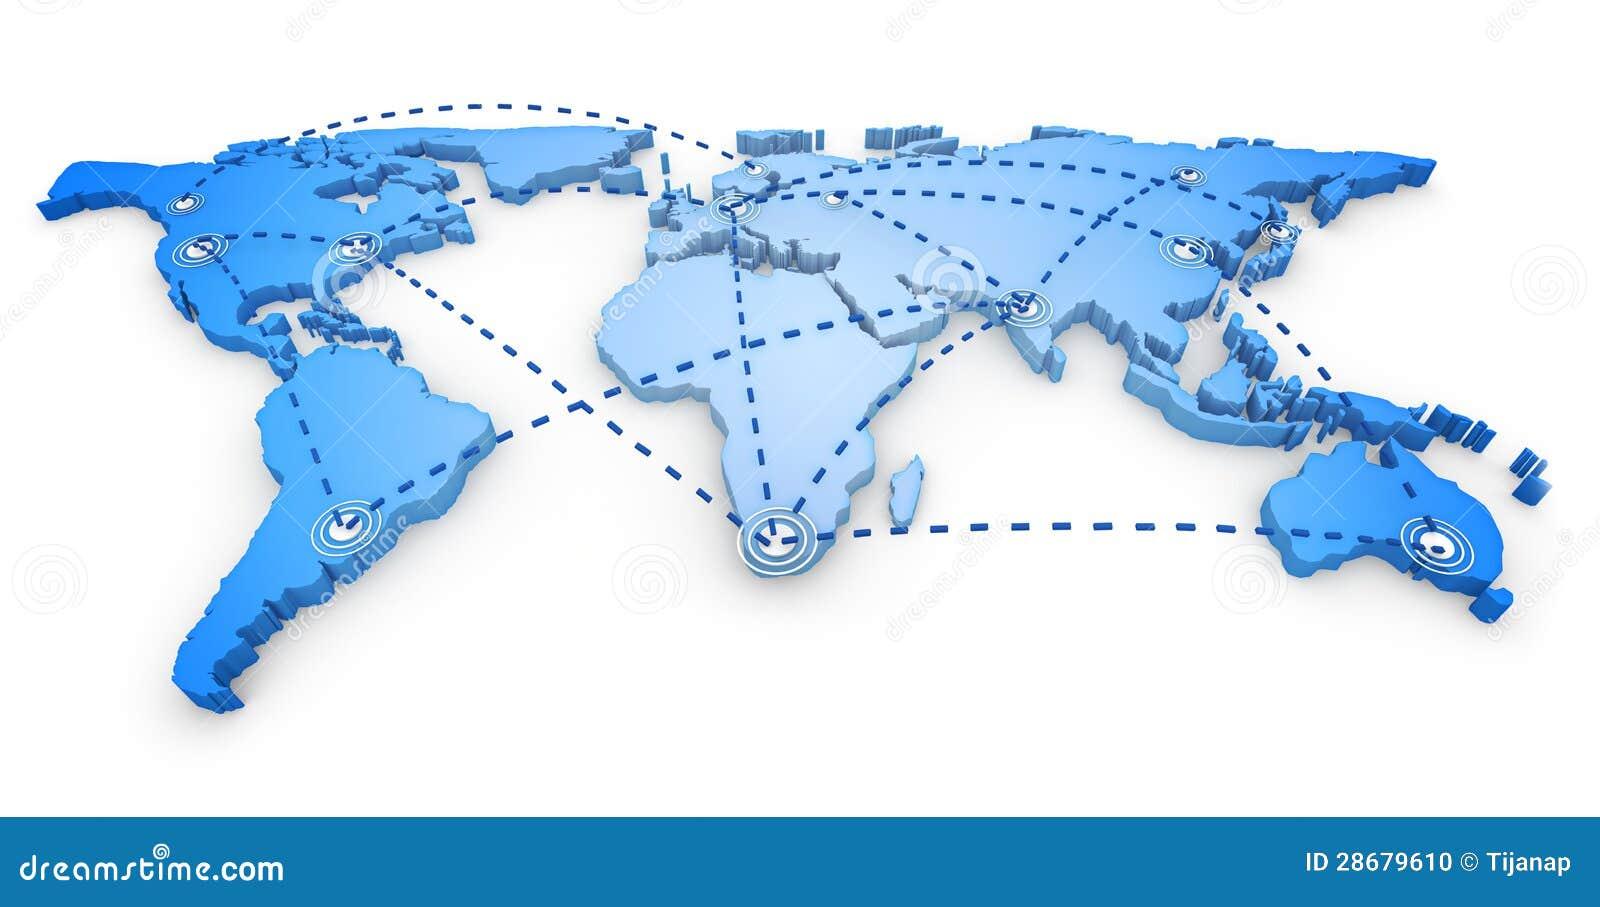 3d世界地图图片